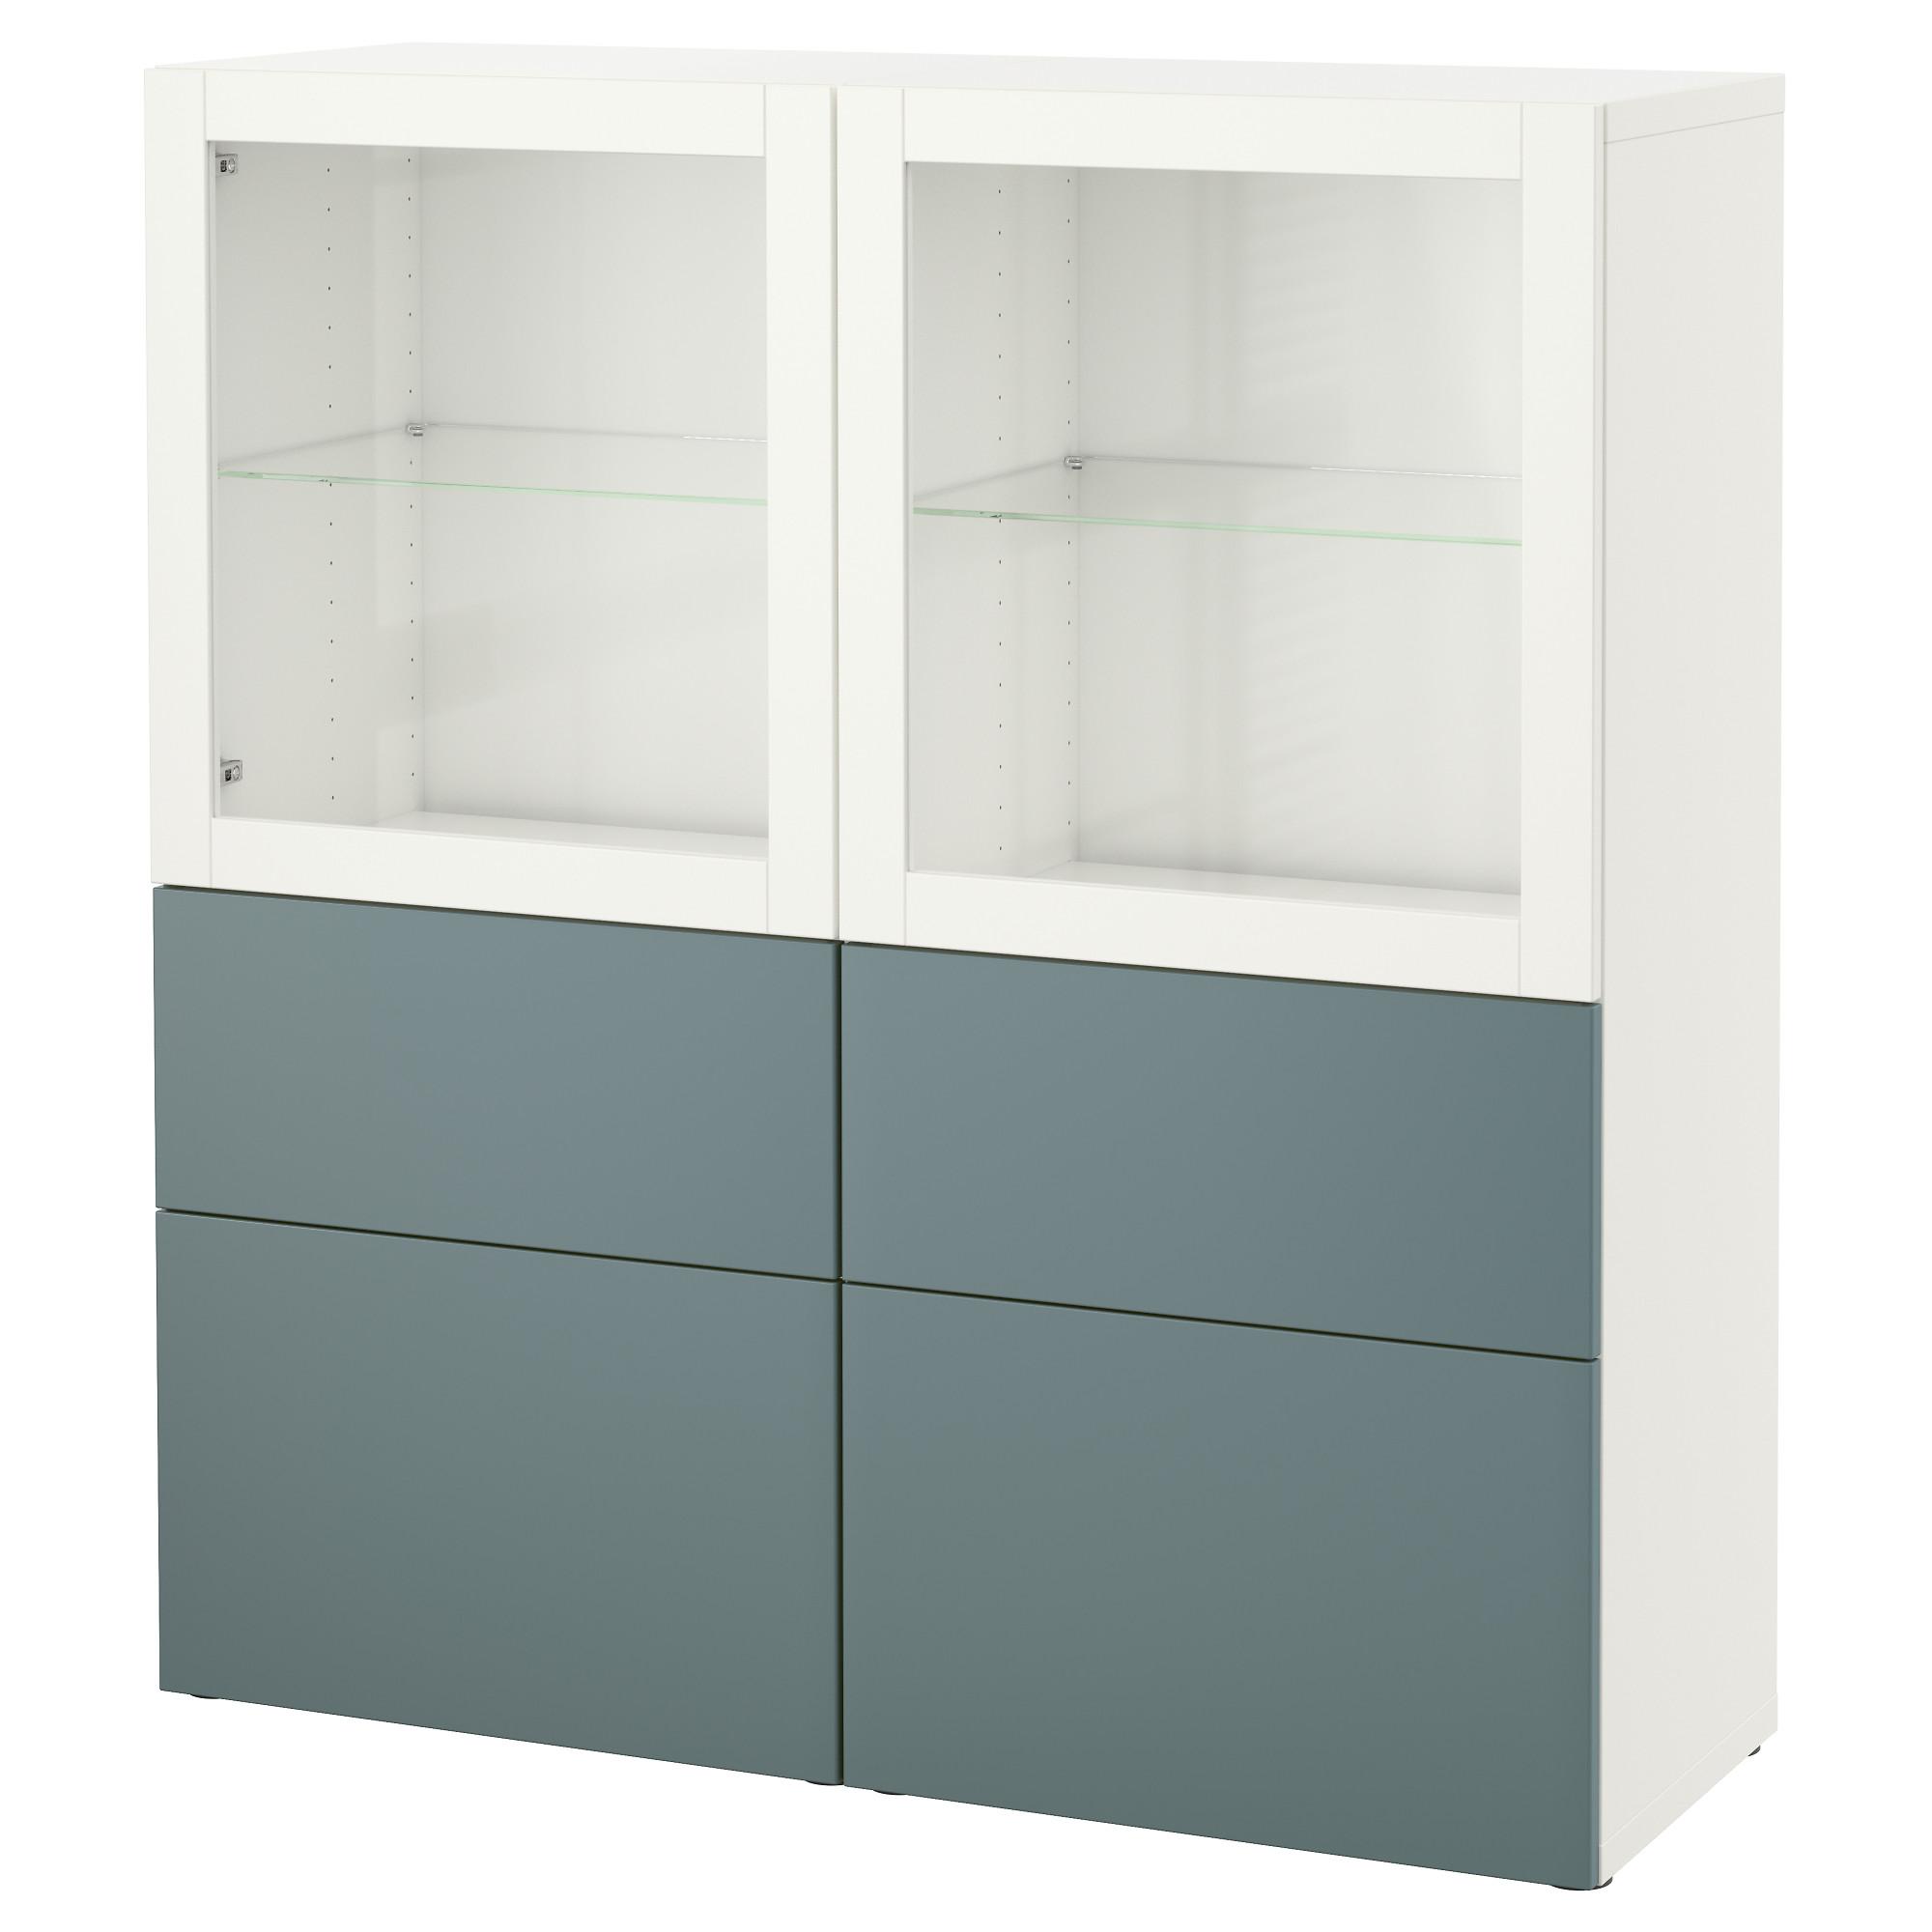 Комбинация для хранения со стеклянными дверцами БЕСТО белый артикуль № 392.482.41 в наличии. Интернет сайт IKEA РБ. Недорогая доставка и монтаж.